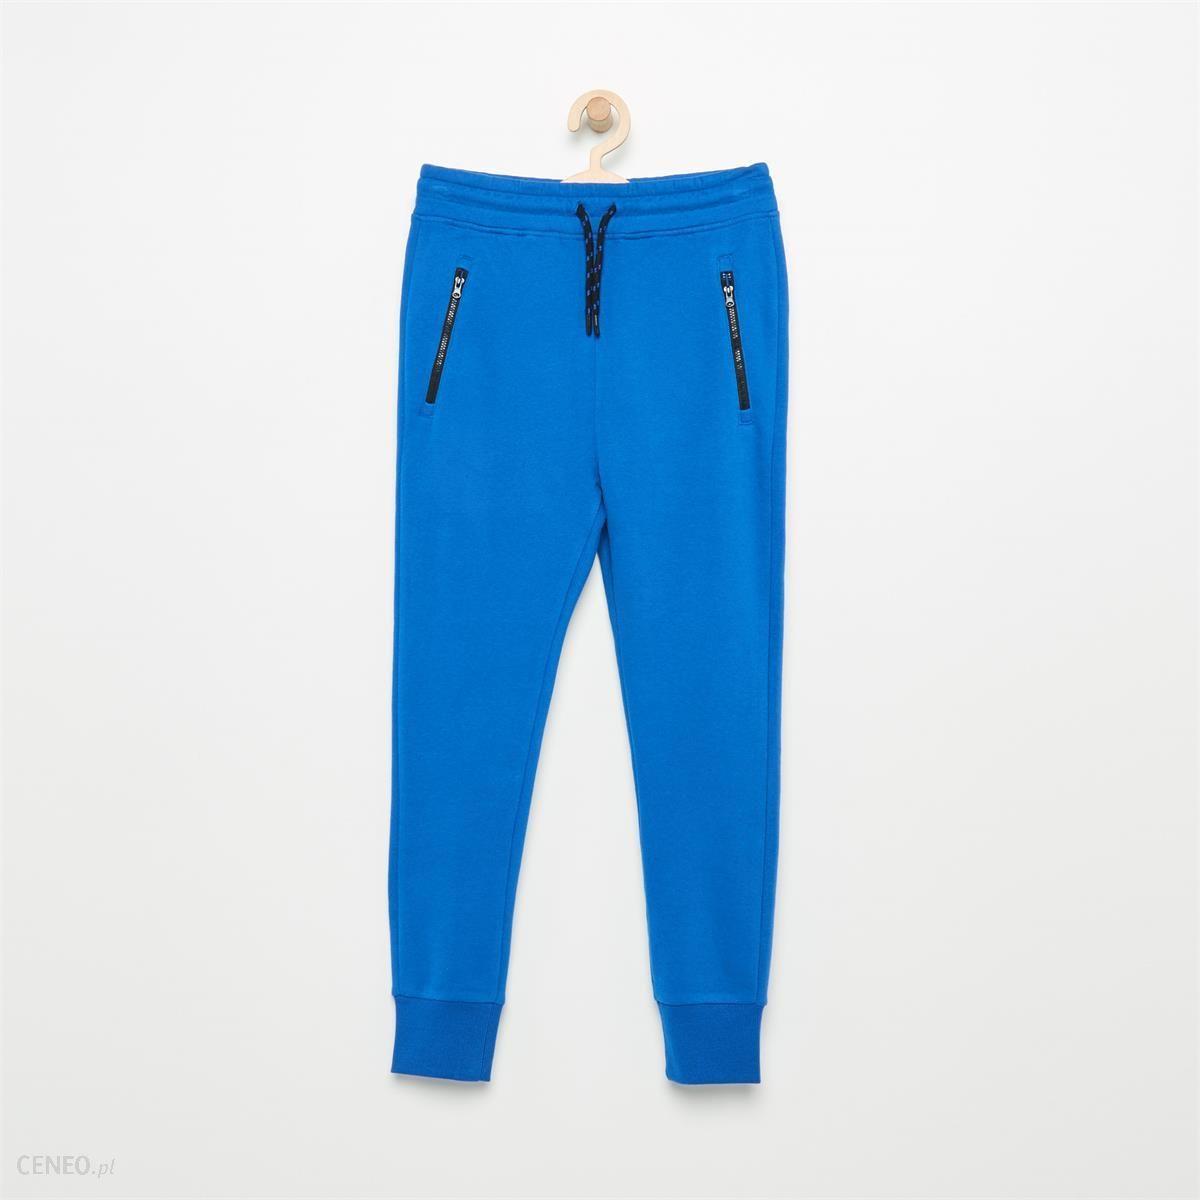 74d53d14ea14 Reserved - Dresowe spodnie z zamkami - Niebieski - męska - Ceny i ...